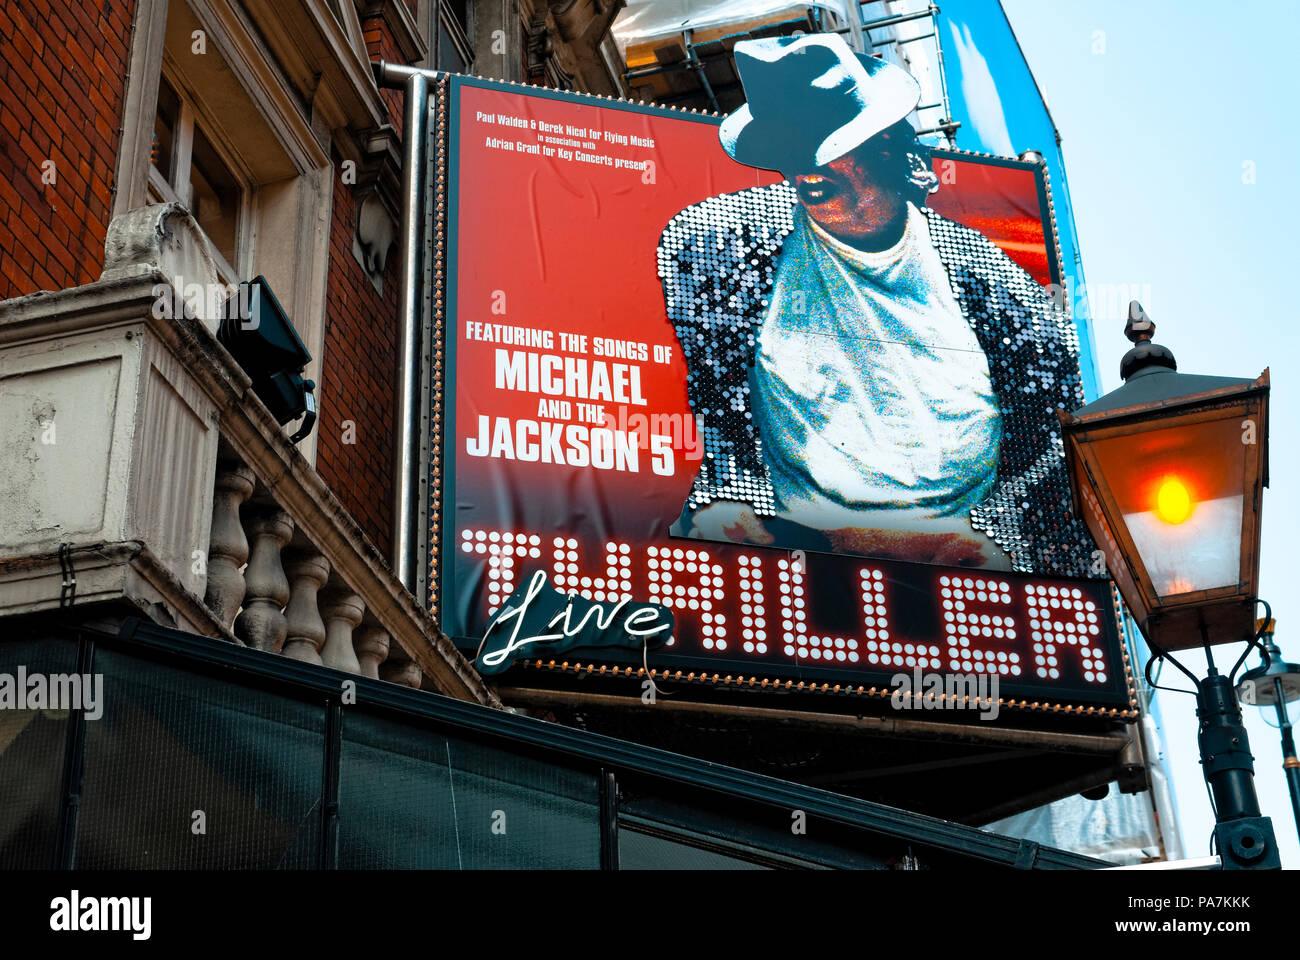 El Lyric Theatre de Shaftesbury Avenue donde 'Thriller Live' concierto se realiza en London's West end. Imagen De Stock